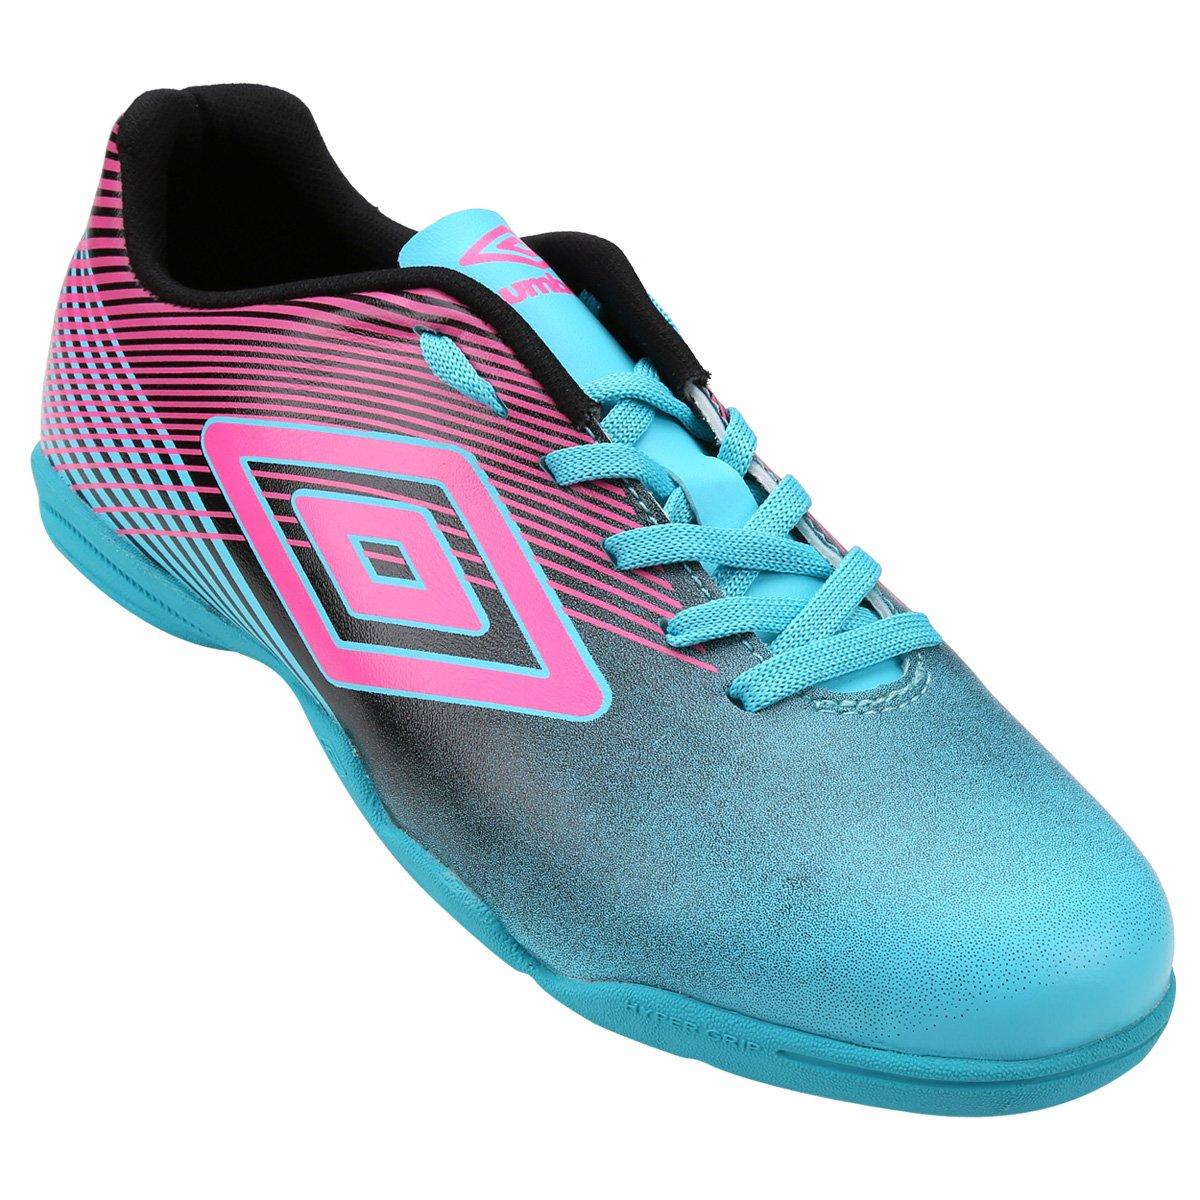 Chuteira Futsal Umbro Slice 3 Masculina - Azul e Rosa - Compre Agora ... 40894019271f5